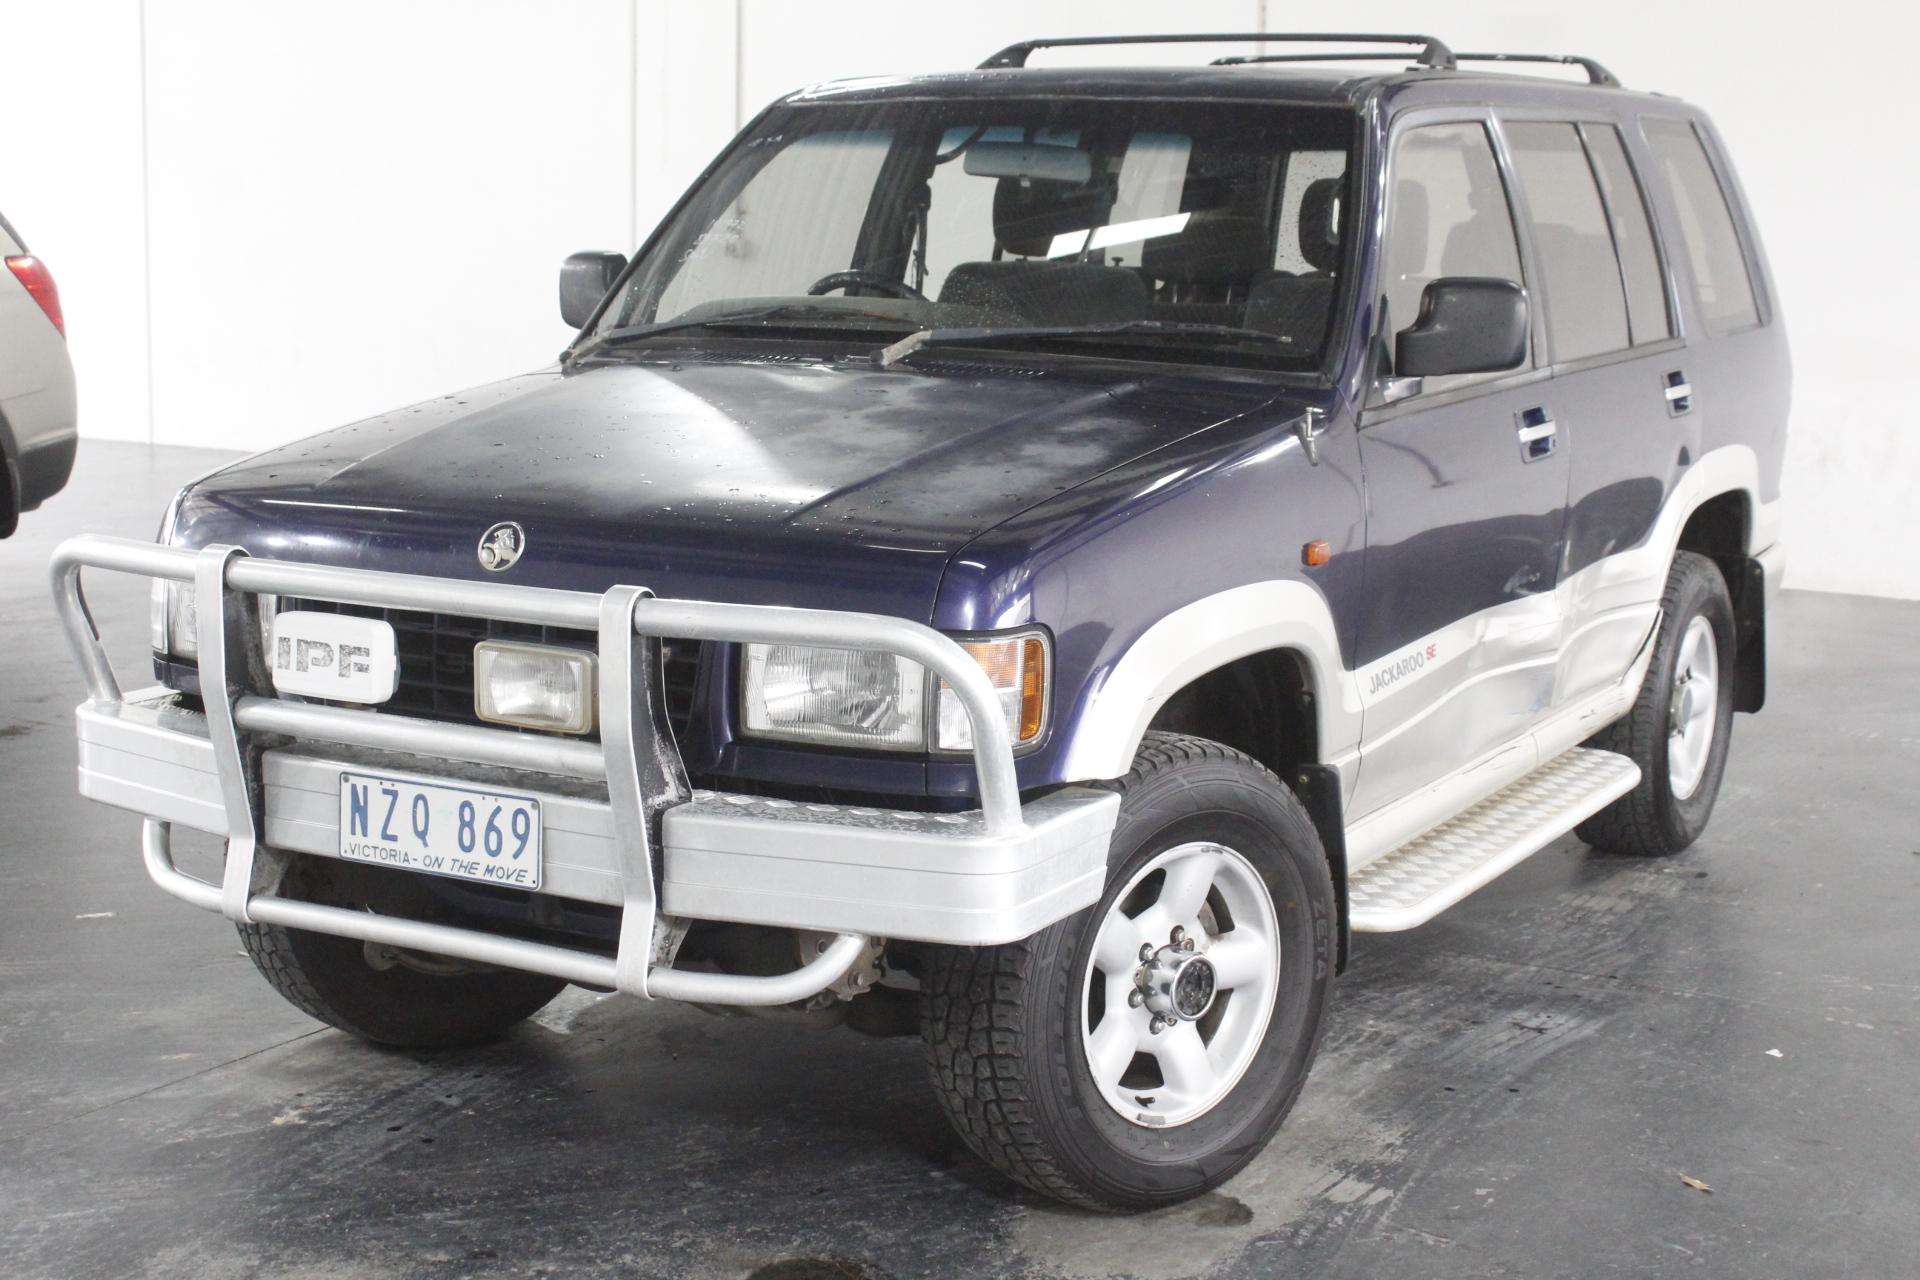 1996 Holden Jackaroo SE LWB (4x4) UBS Manual 7 Seats Wagon